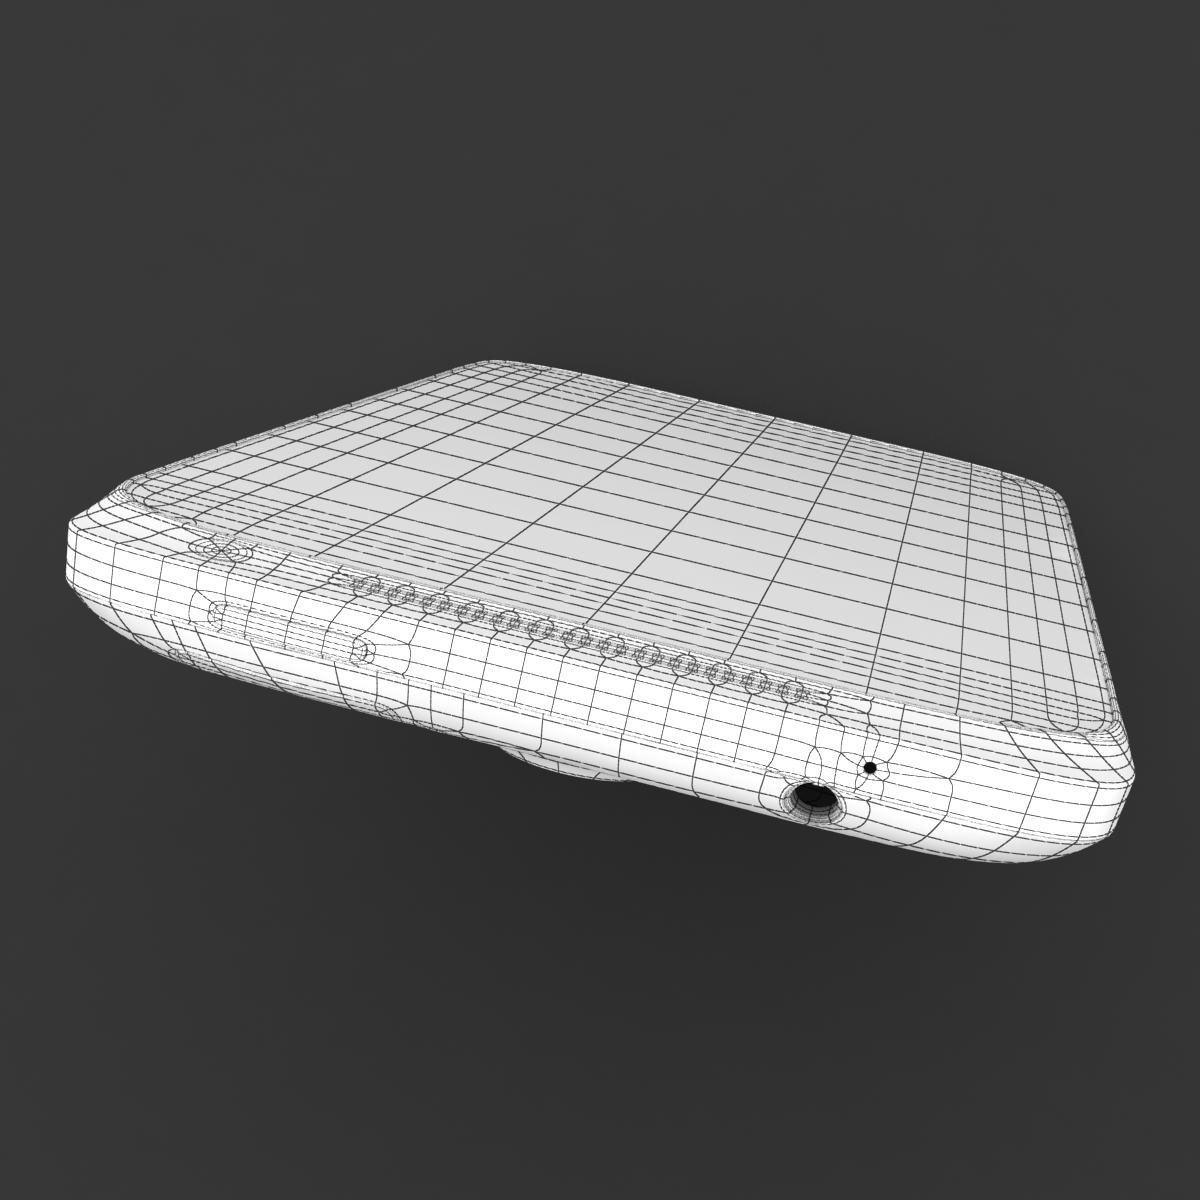 htc viens x + polārs balts 3d modelis 3ds max fbx c4d lwo obj 151428